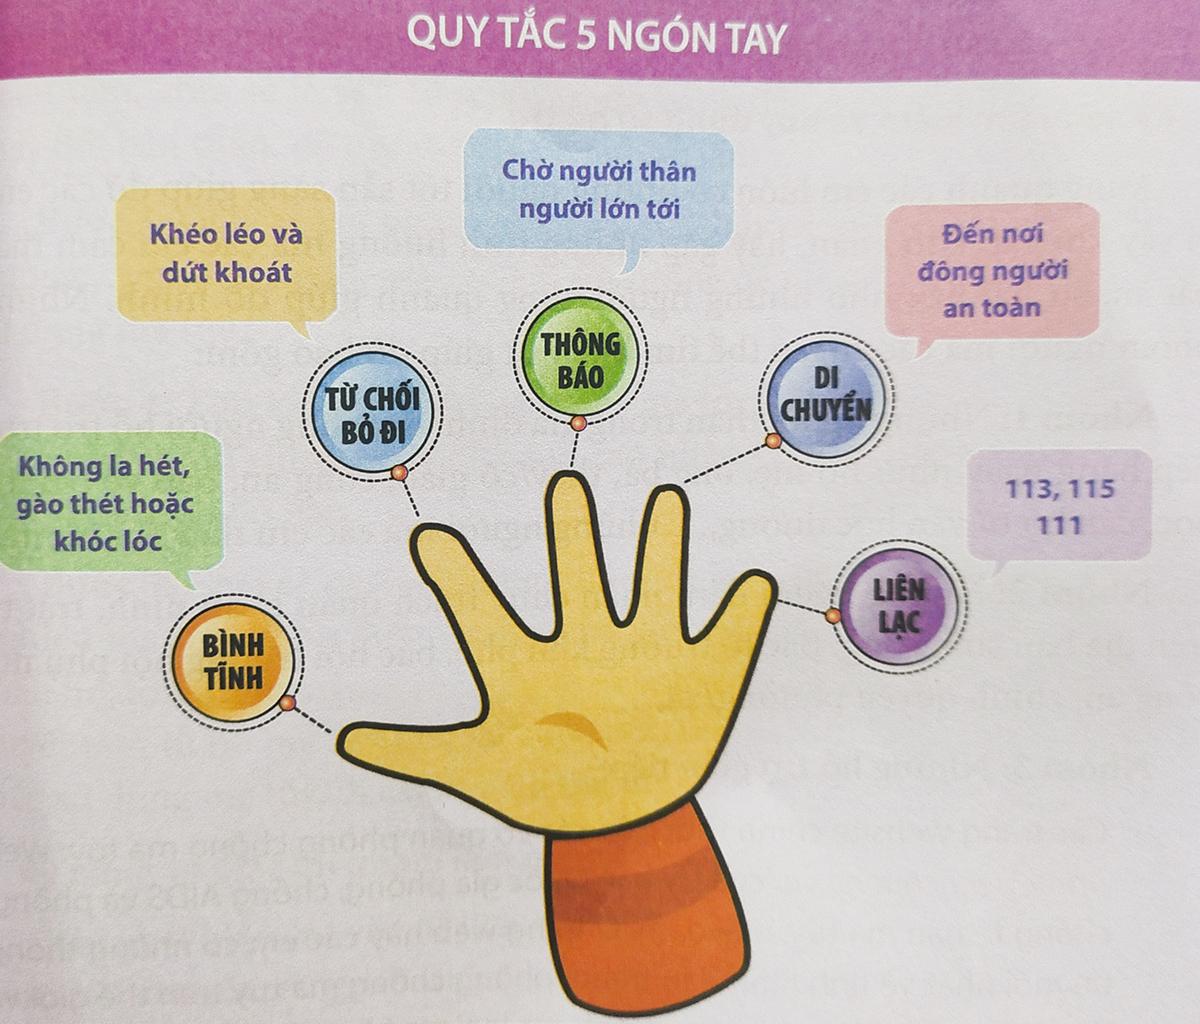 Quy tắc 5 ngón tay hướng dẫn học sinh xử lý tình huống nguy cơ liên quan đến ma túy được đề cập trong cuốn Kỹ năng phòng, chống ma túy cho học sinh THCS.